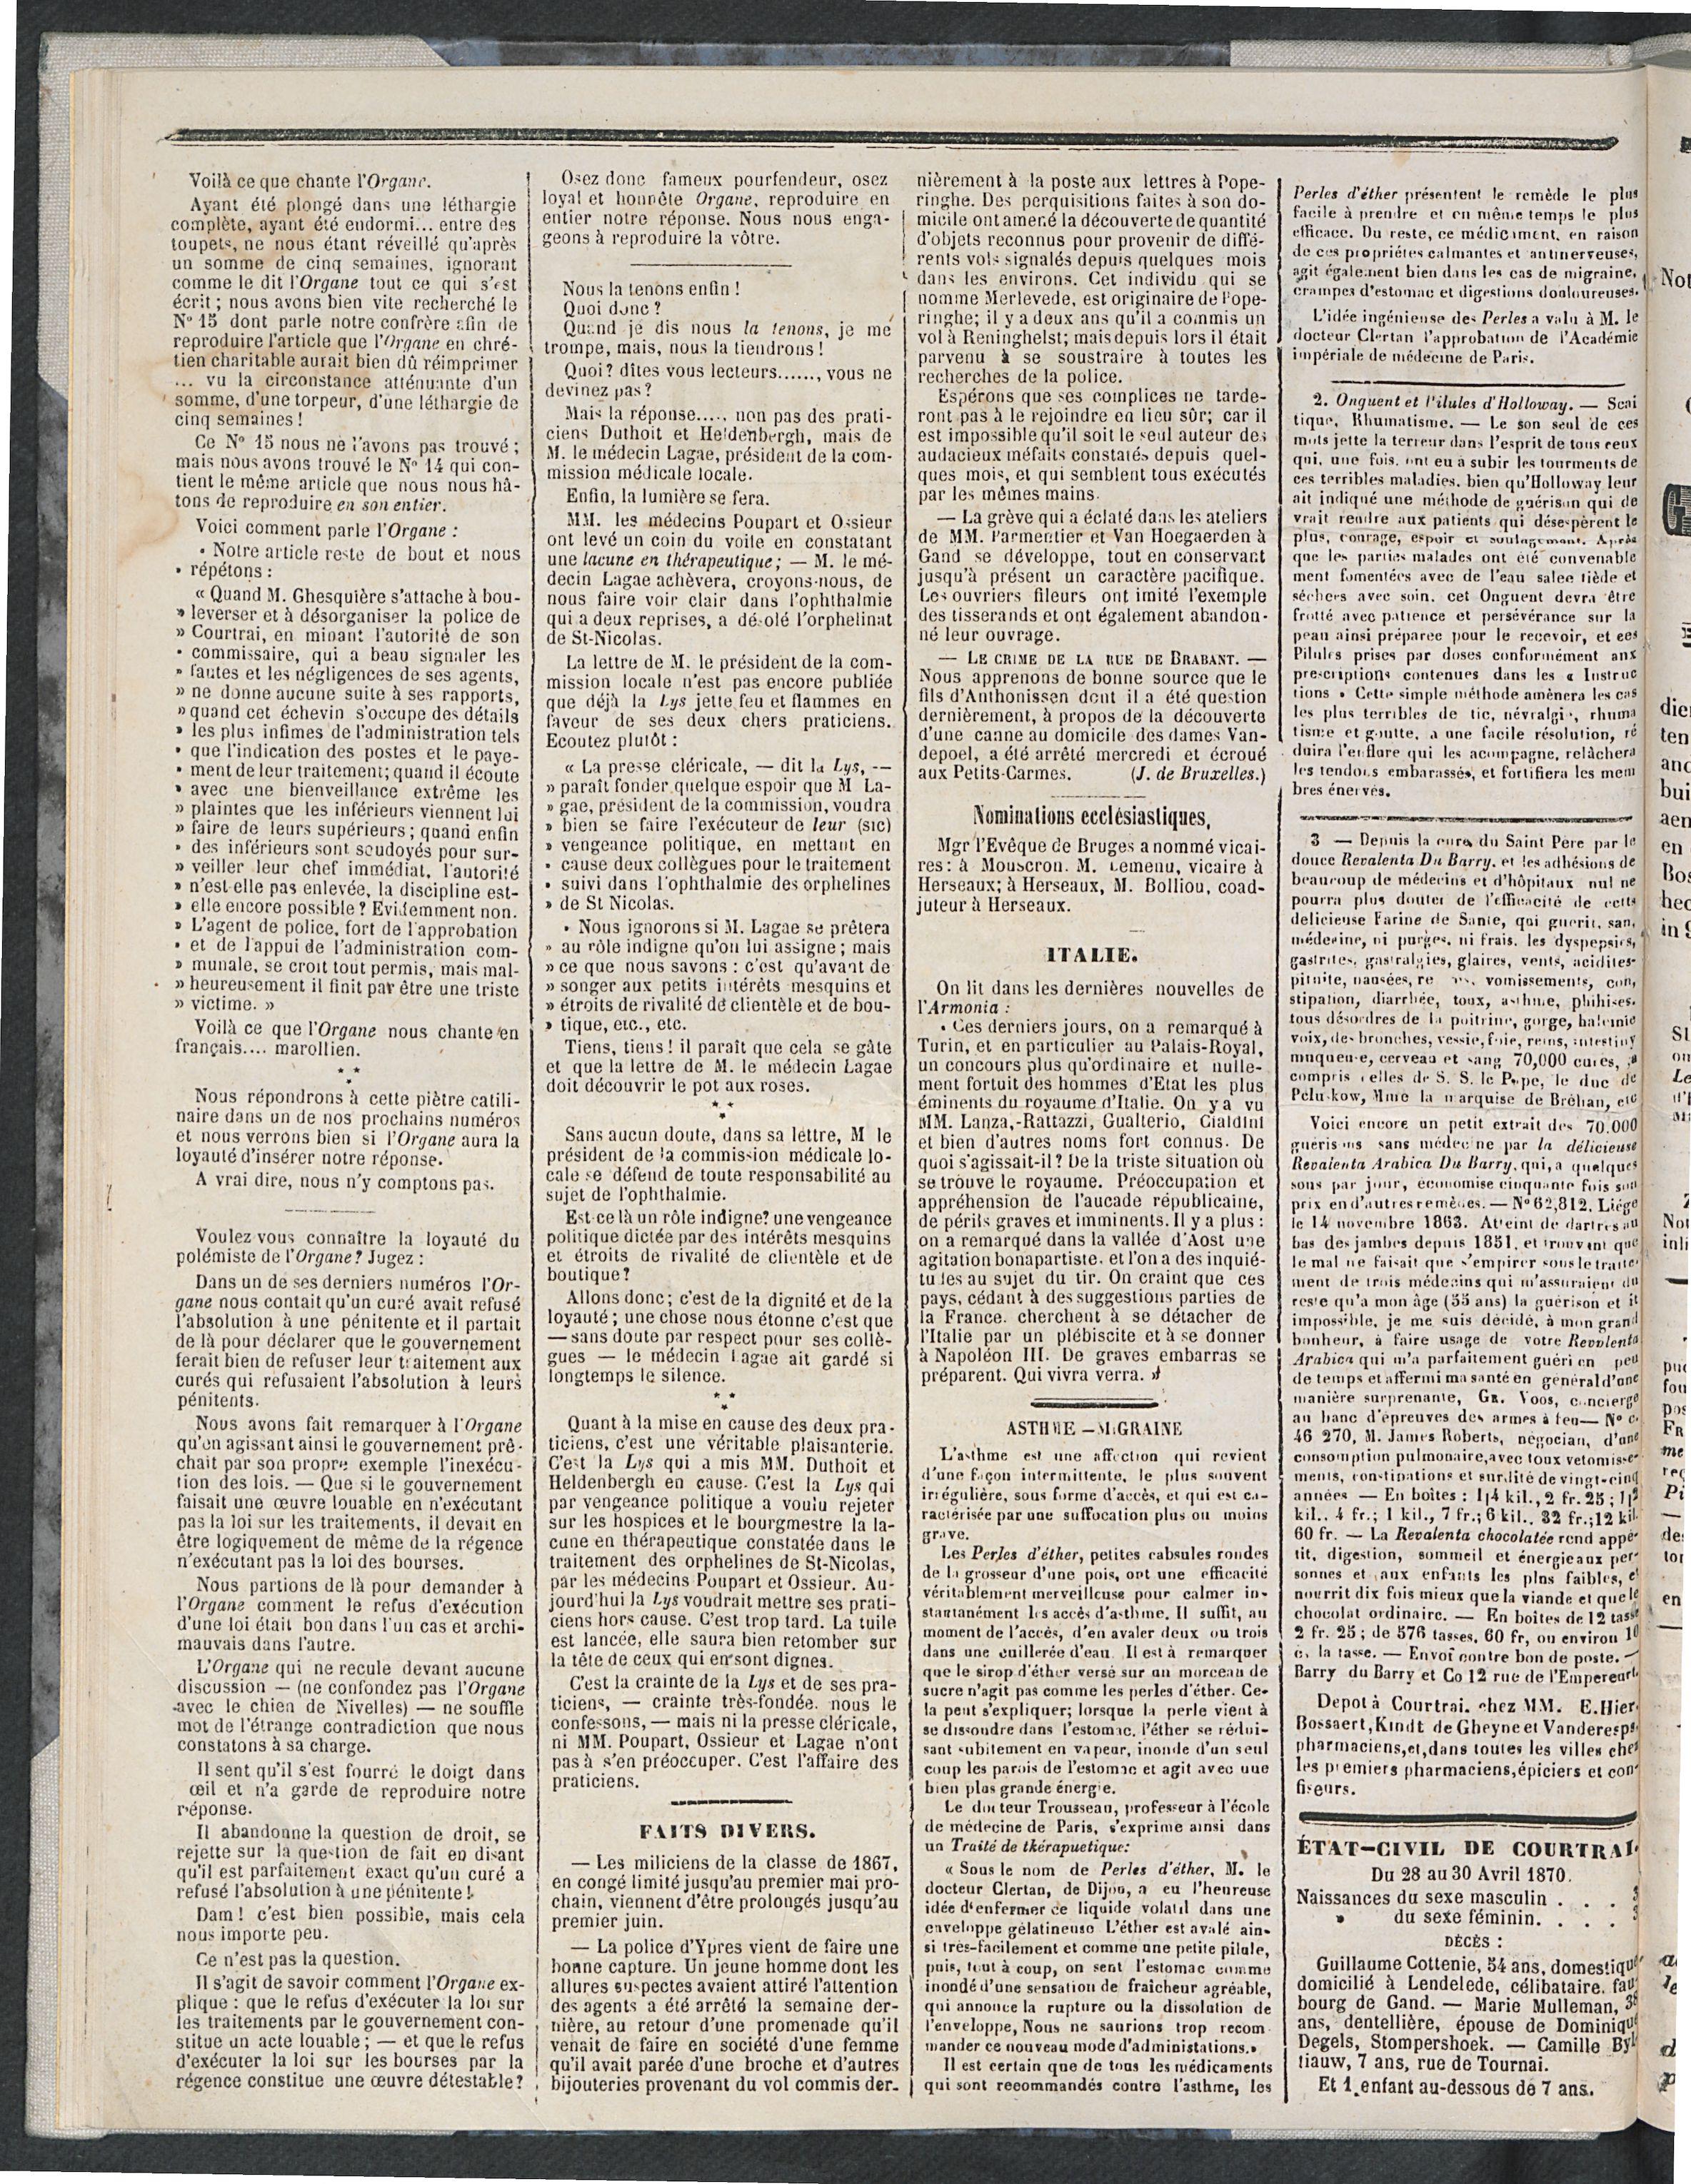 L'echo De Courtrai 1870-05-01 p2